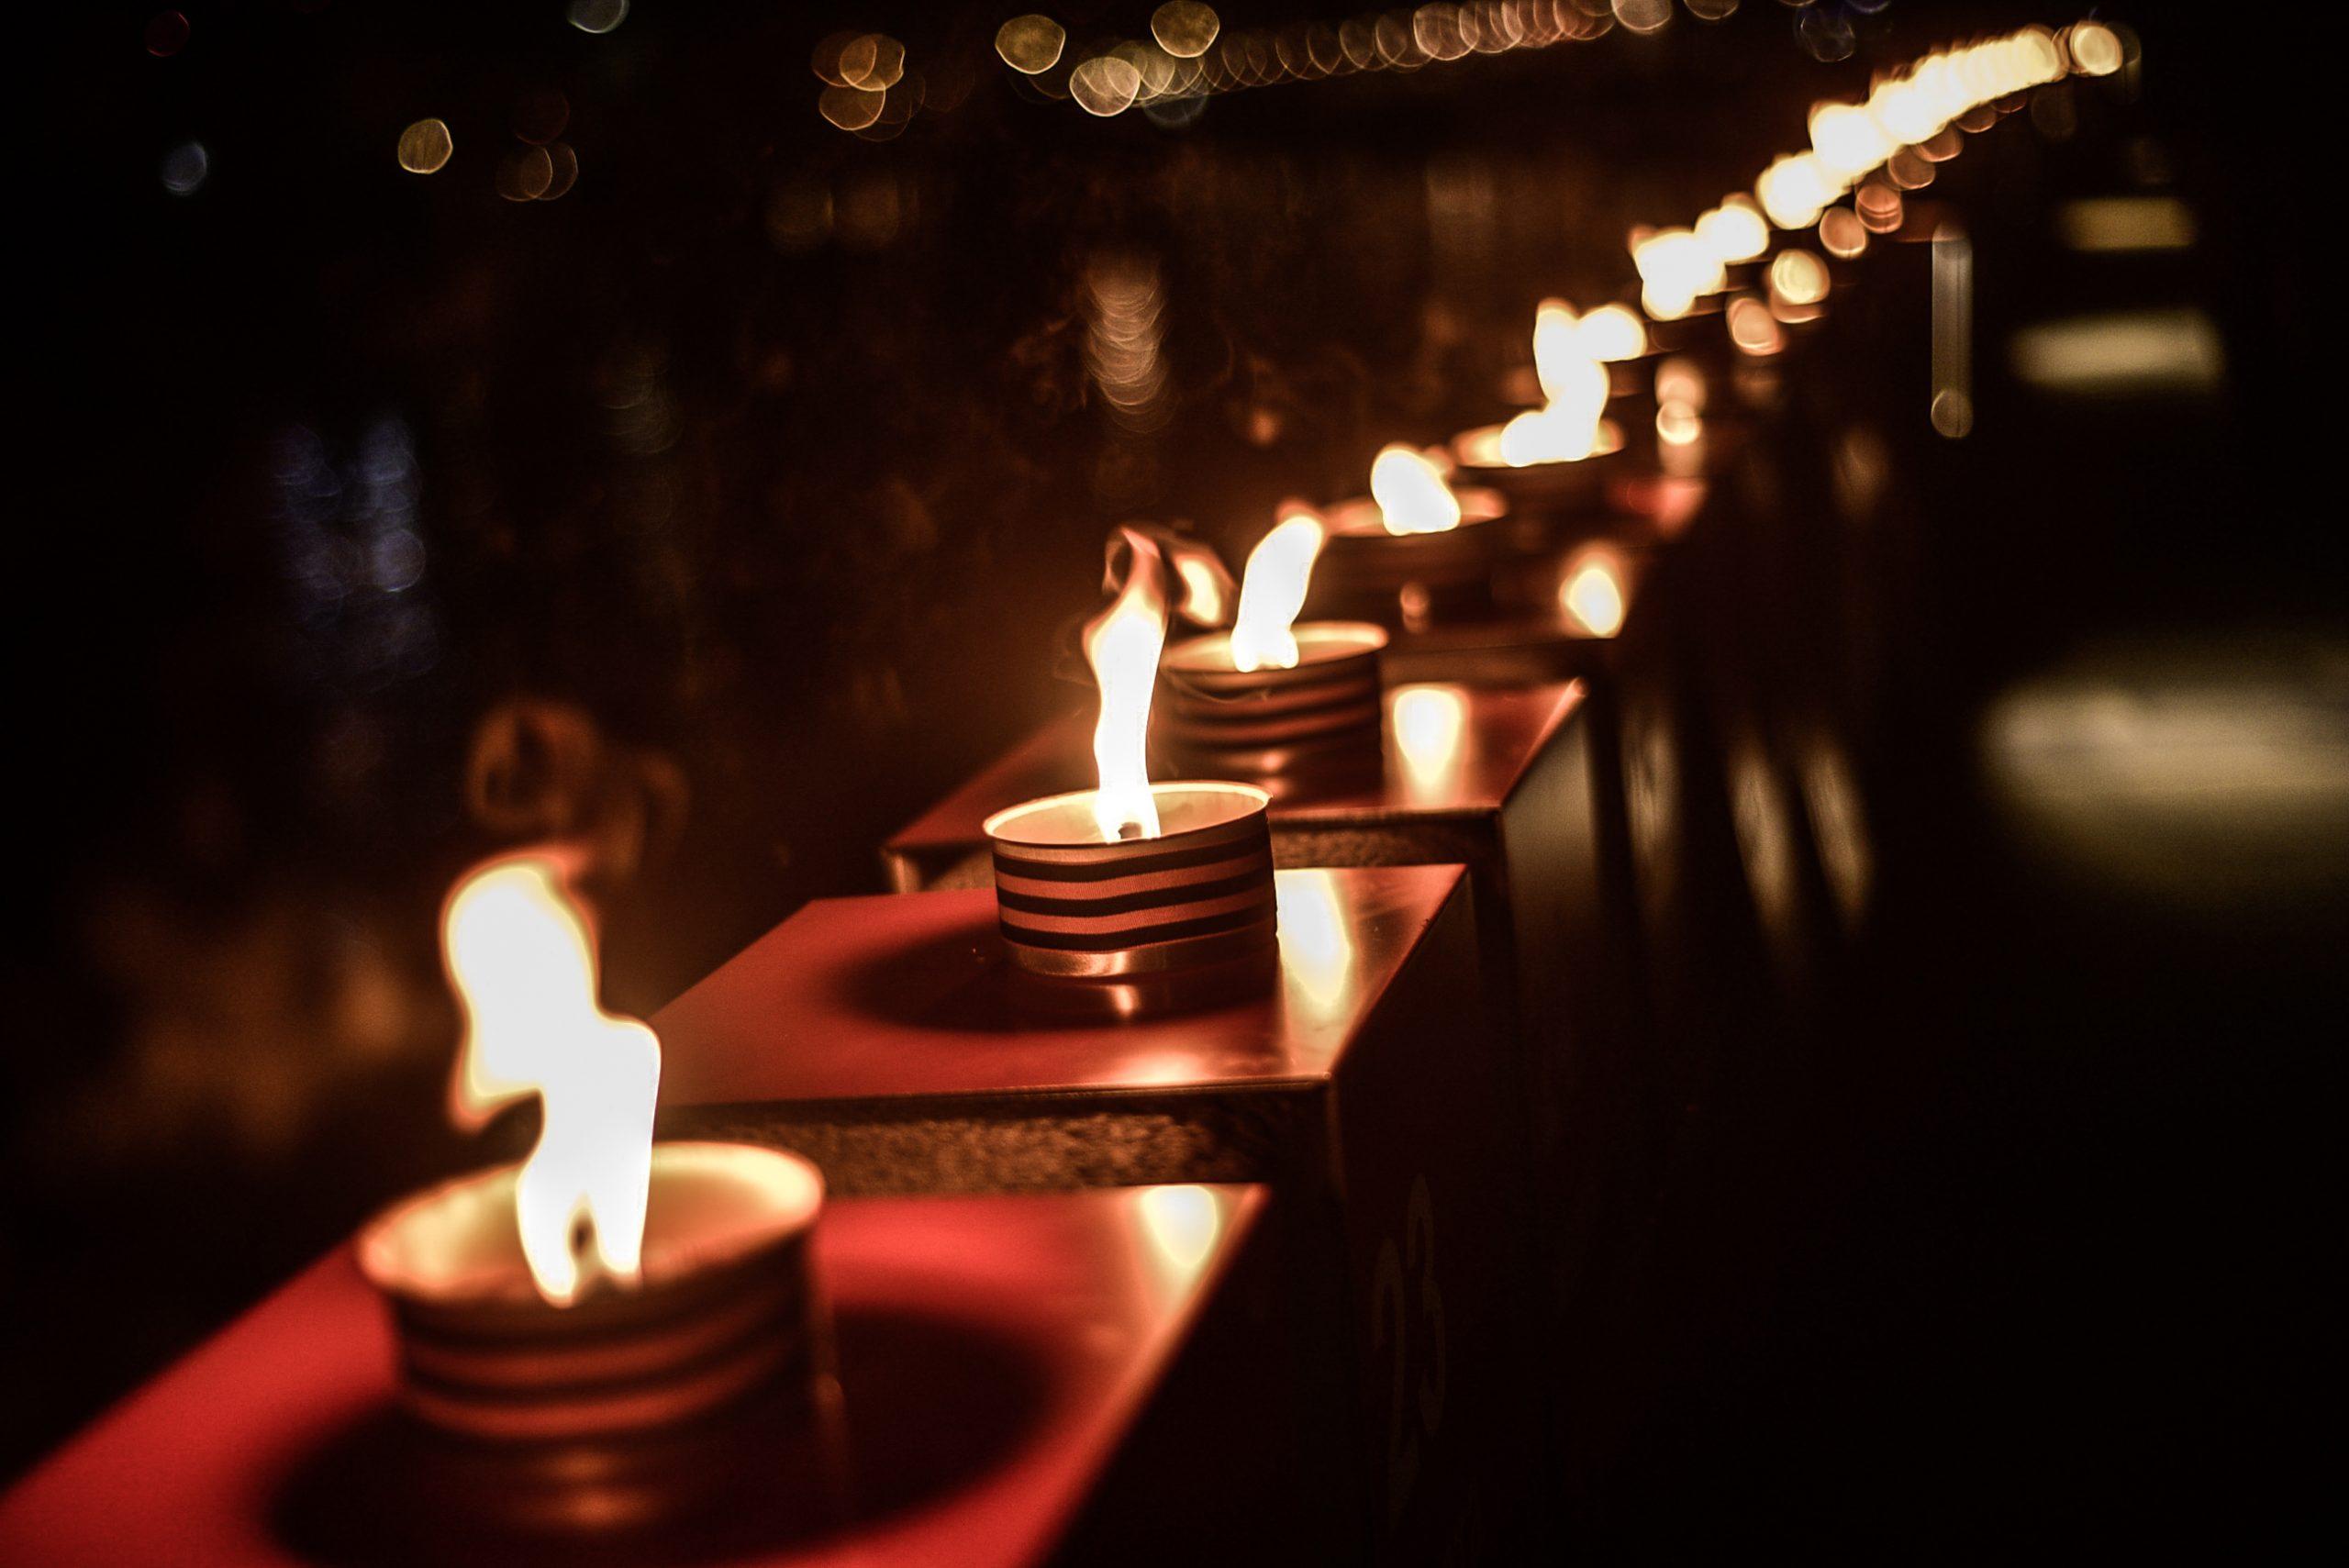 Акция «Свеча памяти» пройдет в Доме культуры «Первомайское»